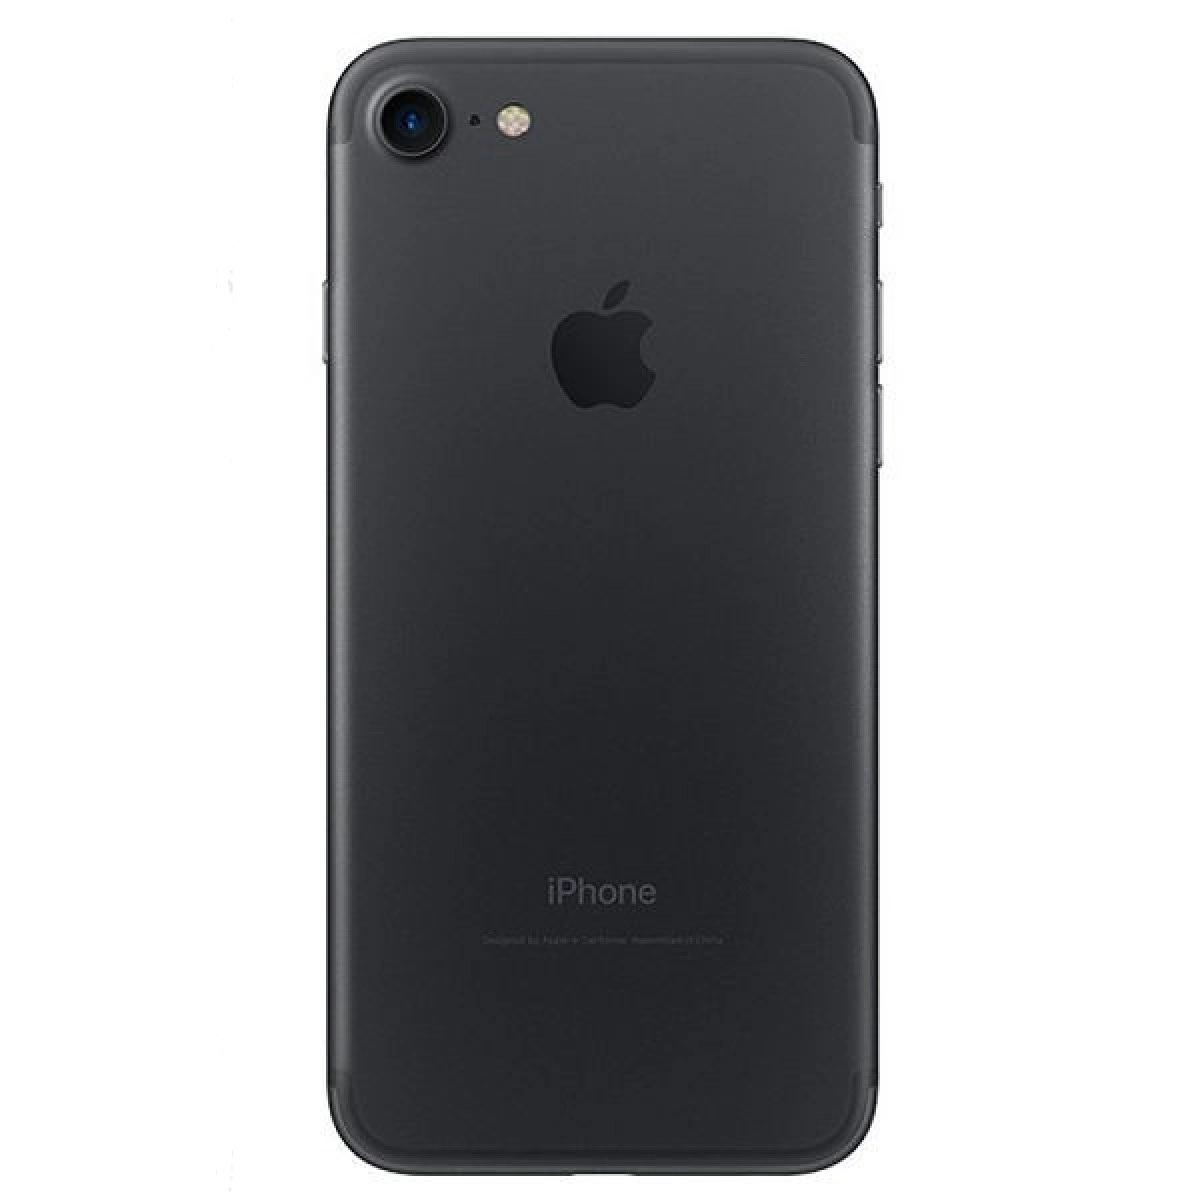 iPhone 7 32GB 355343084562813 - 2